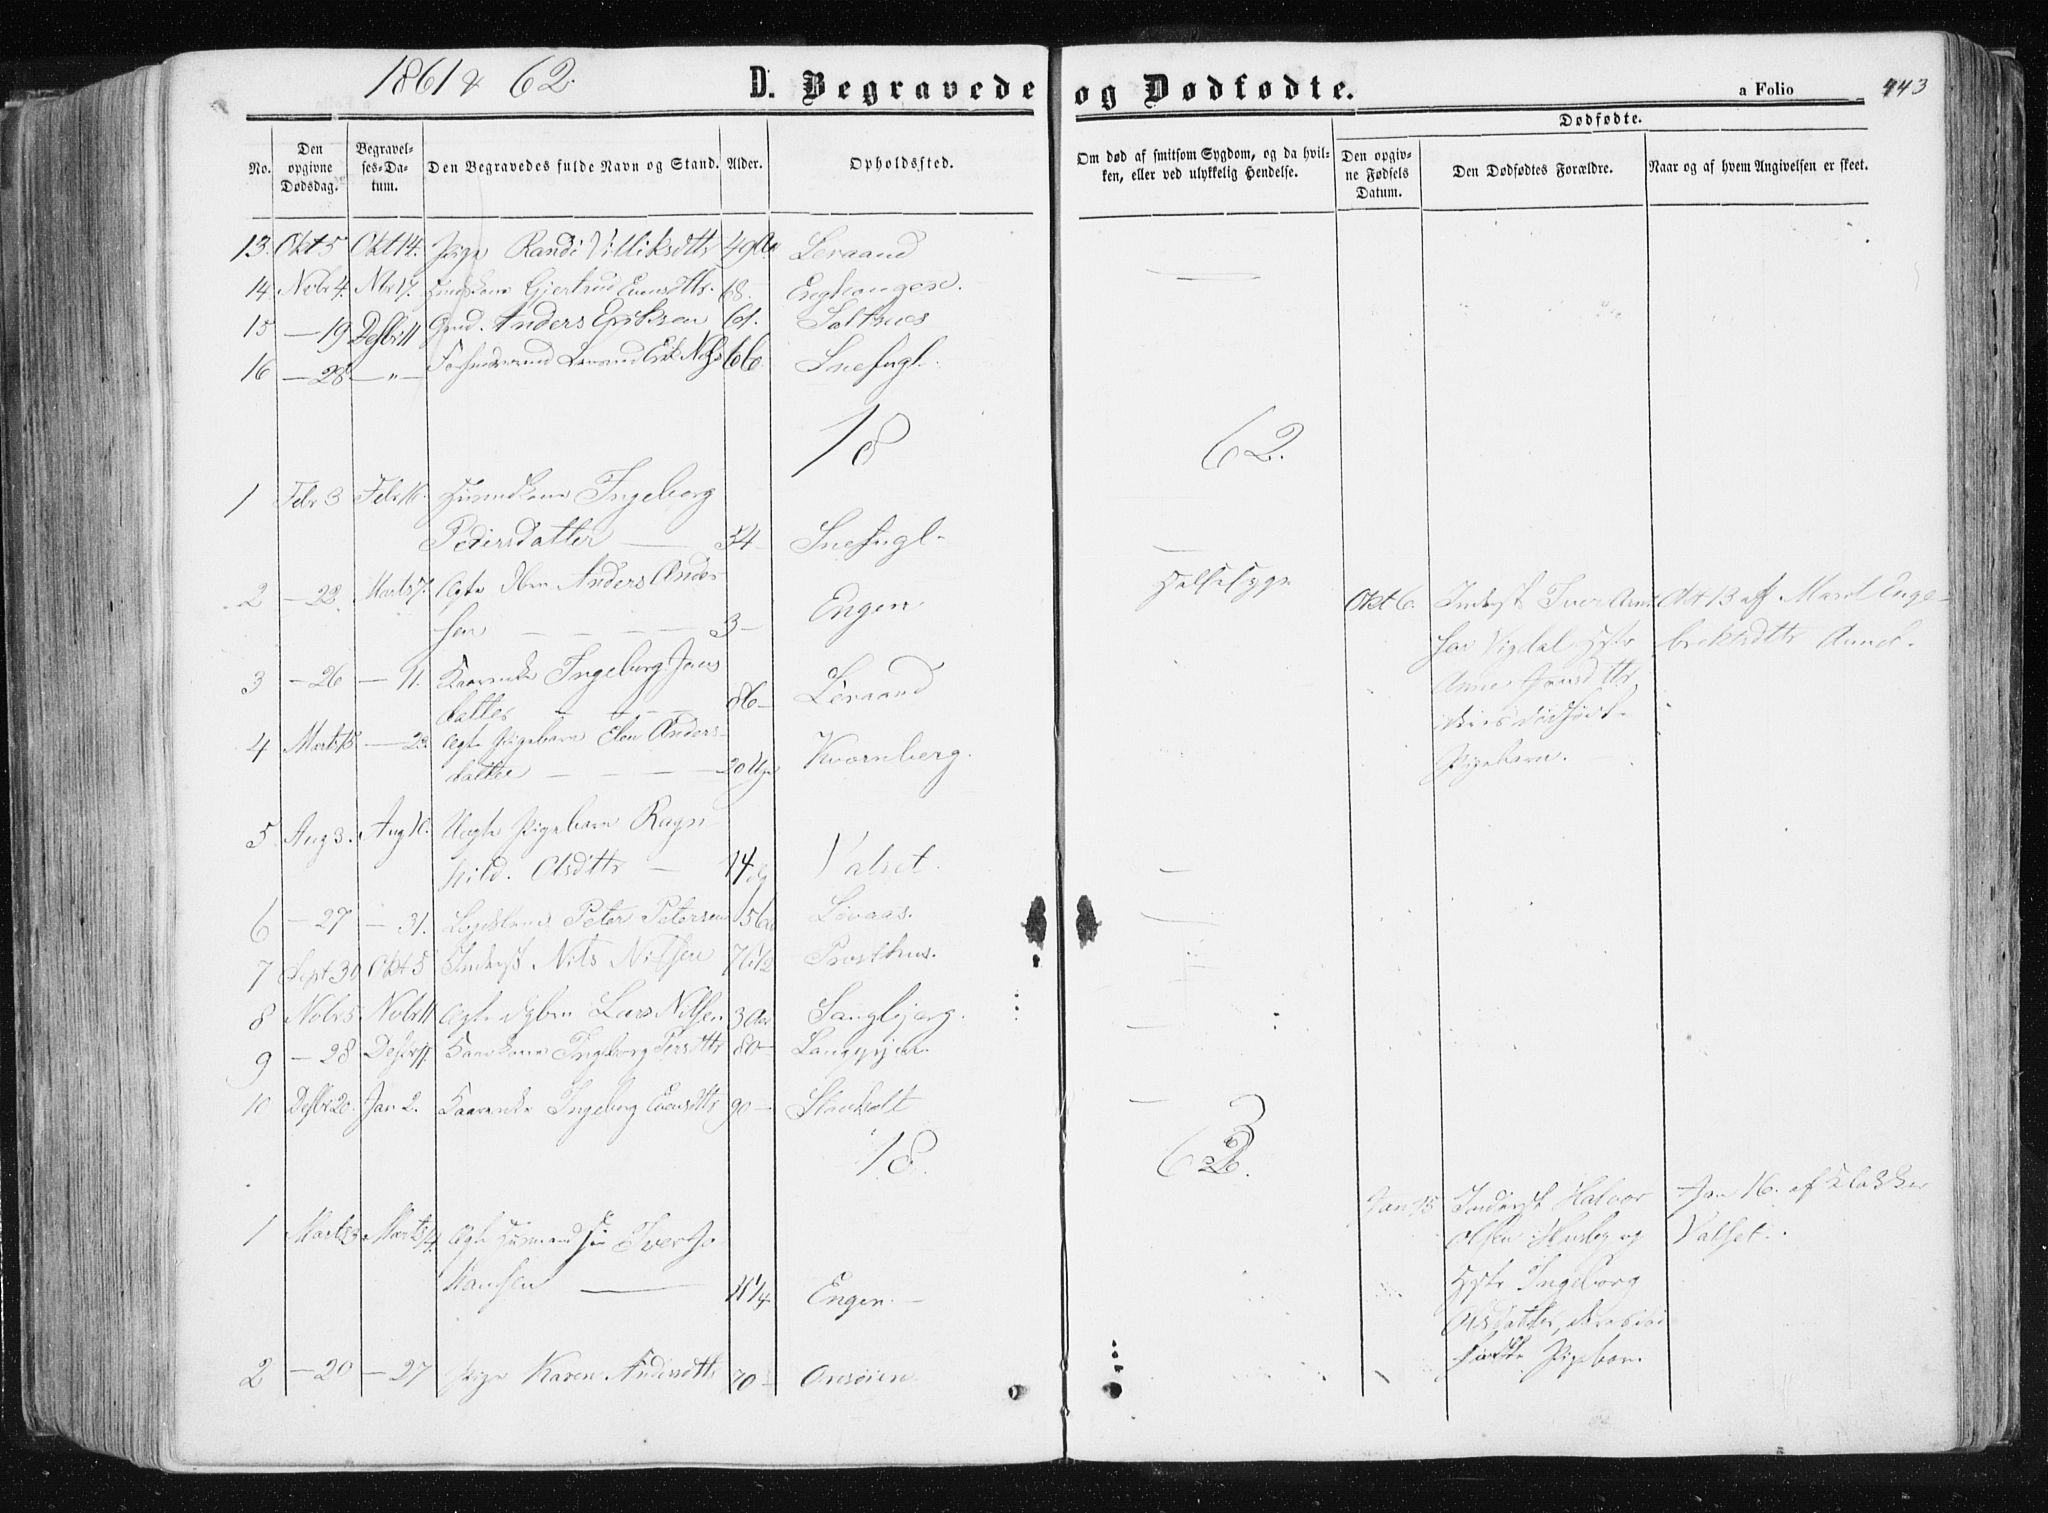 SAT, Ministerialprotokoller, klokkerbøker og fødselsregistre - Sør-Trøndelag, 612/L0377: Ministerialbok nr. 612A09, 1859-1877, s. 443